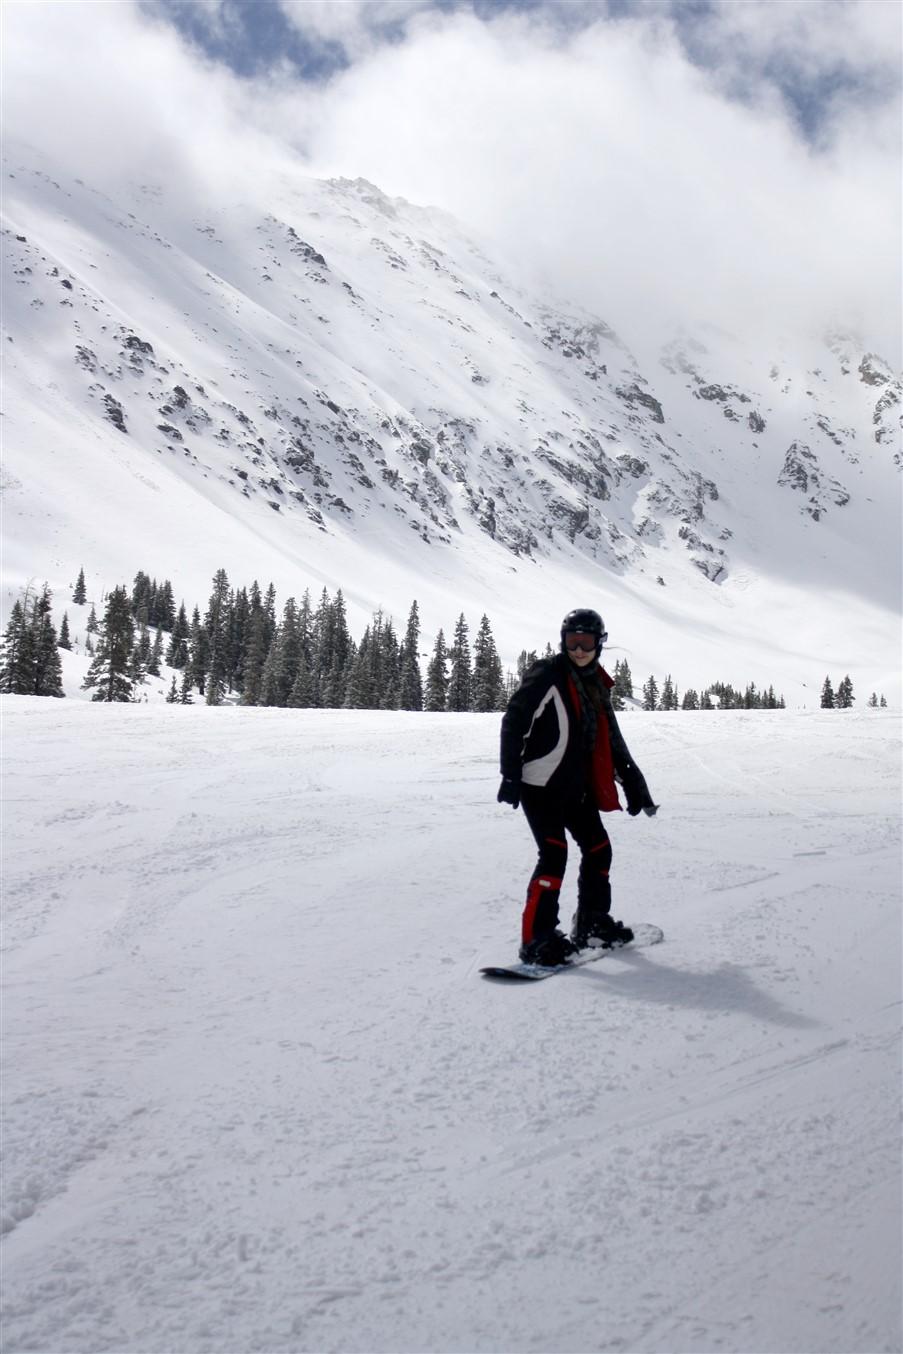 Denver – May 2010 – Snow Fun at ArapahoeBasin